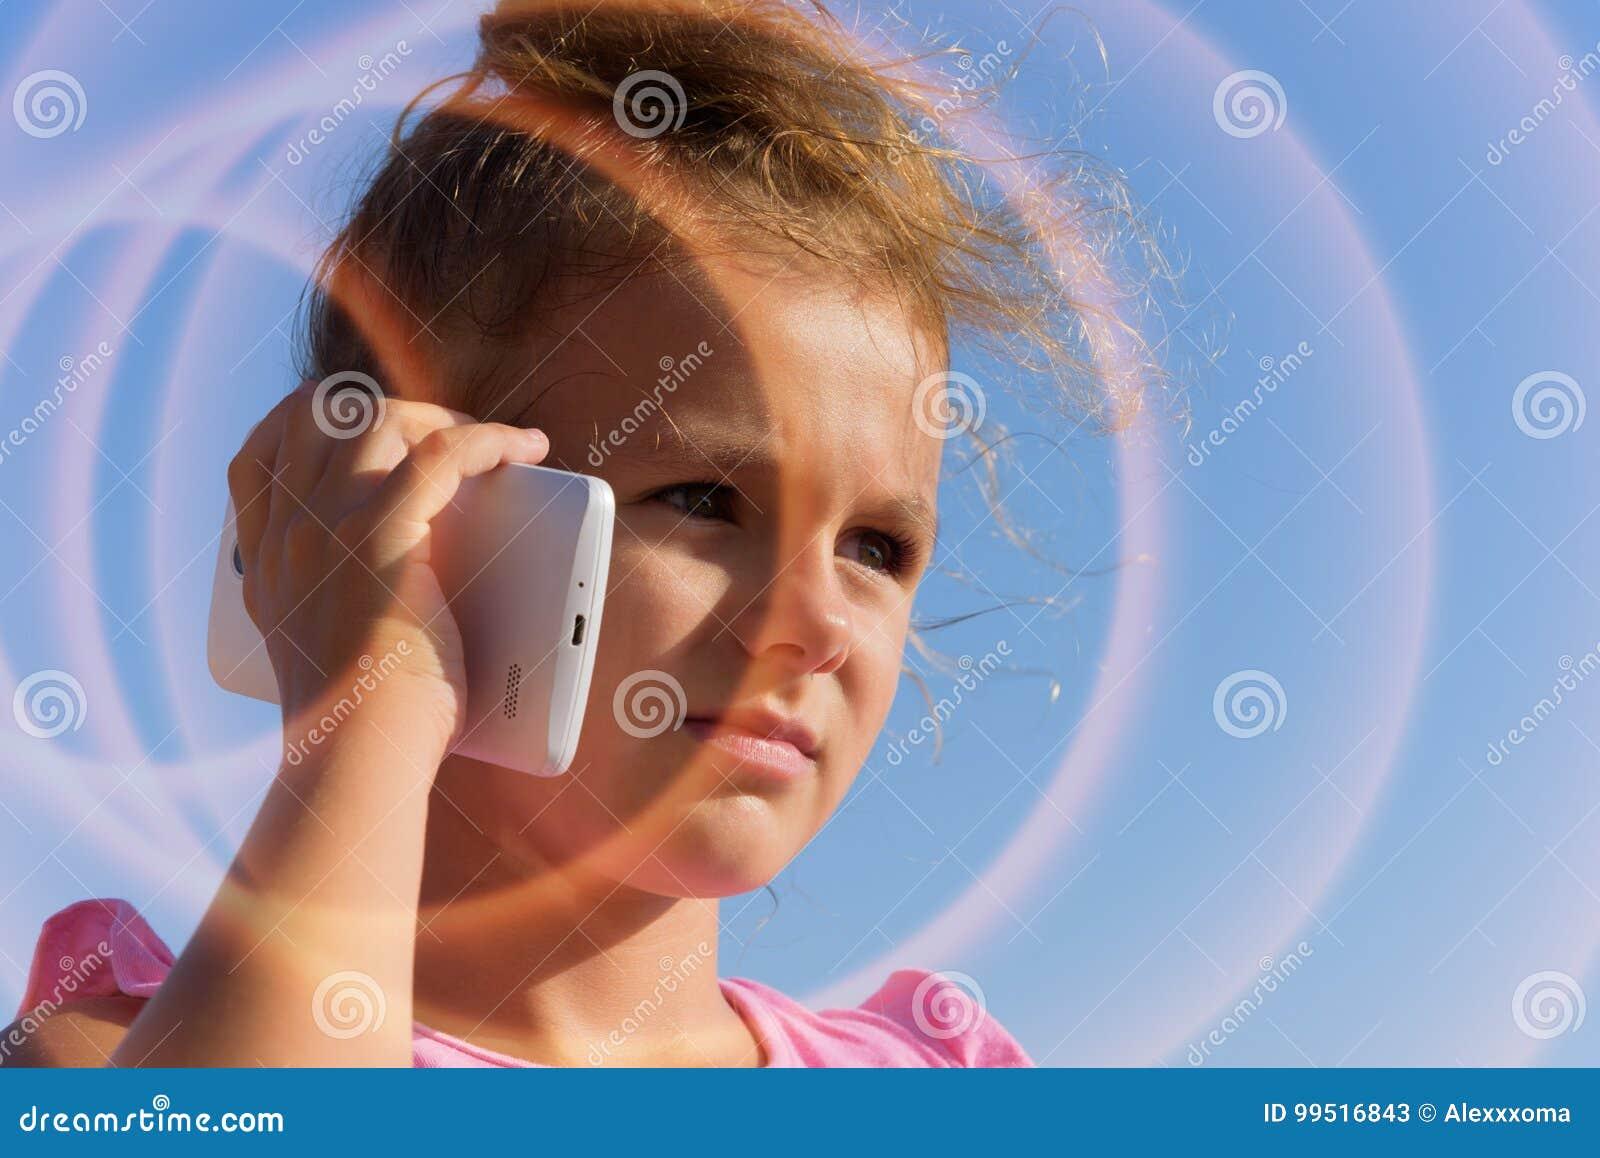 一个相当小女孩由智能手机讲话,斜眼看在蓝天背景的阳光下 Smartphon是奔跑波浪日落2